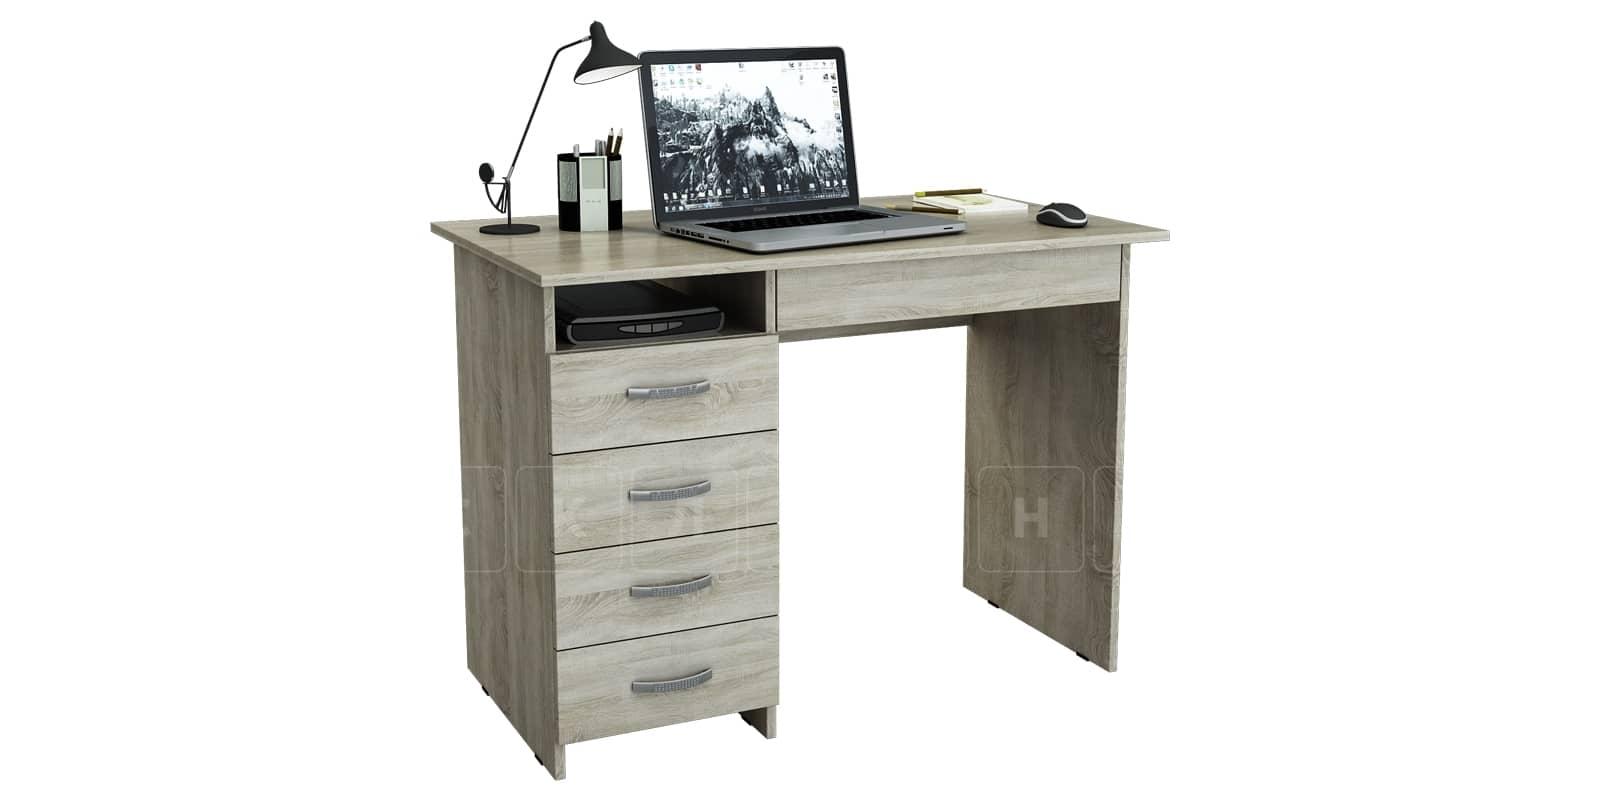 Офисный стол Харви с ящиками фото 7 | интернет-магазин Складно